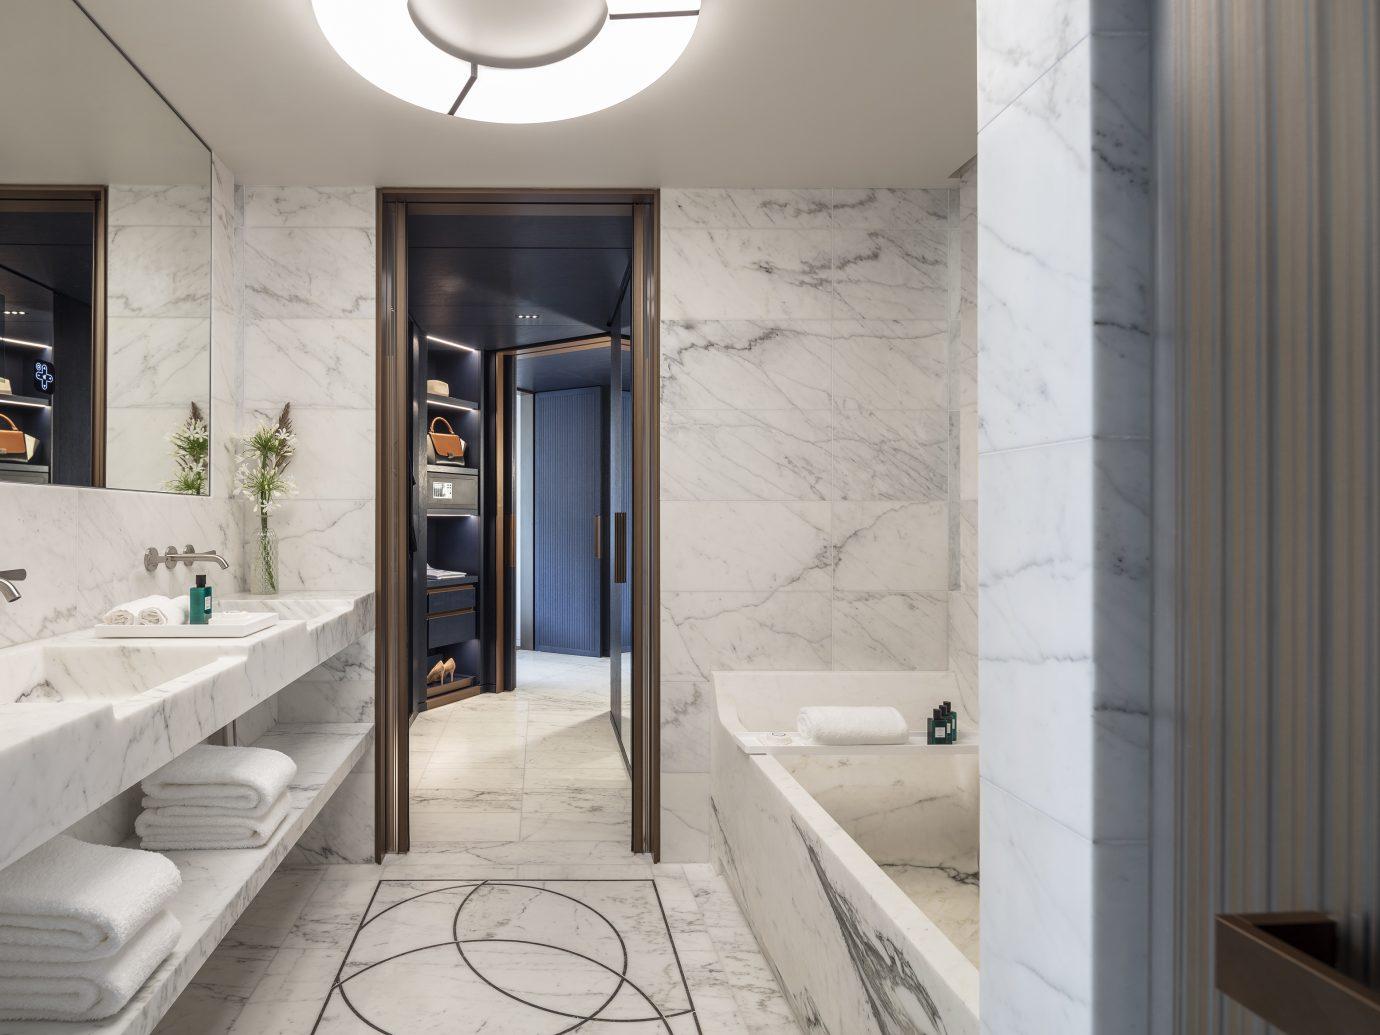 Suite Lutetia bathroom in Hotel Lutetia